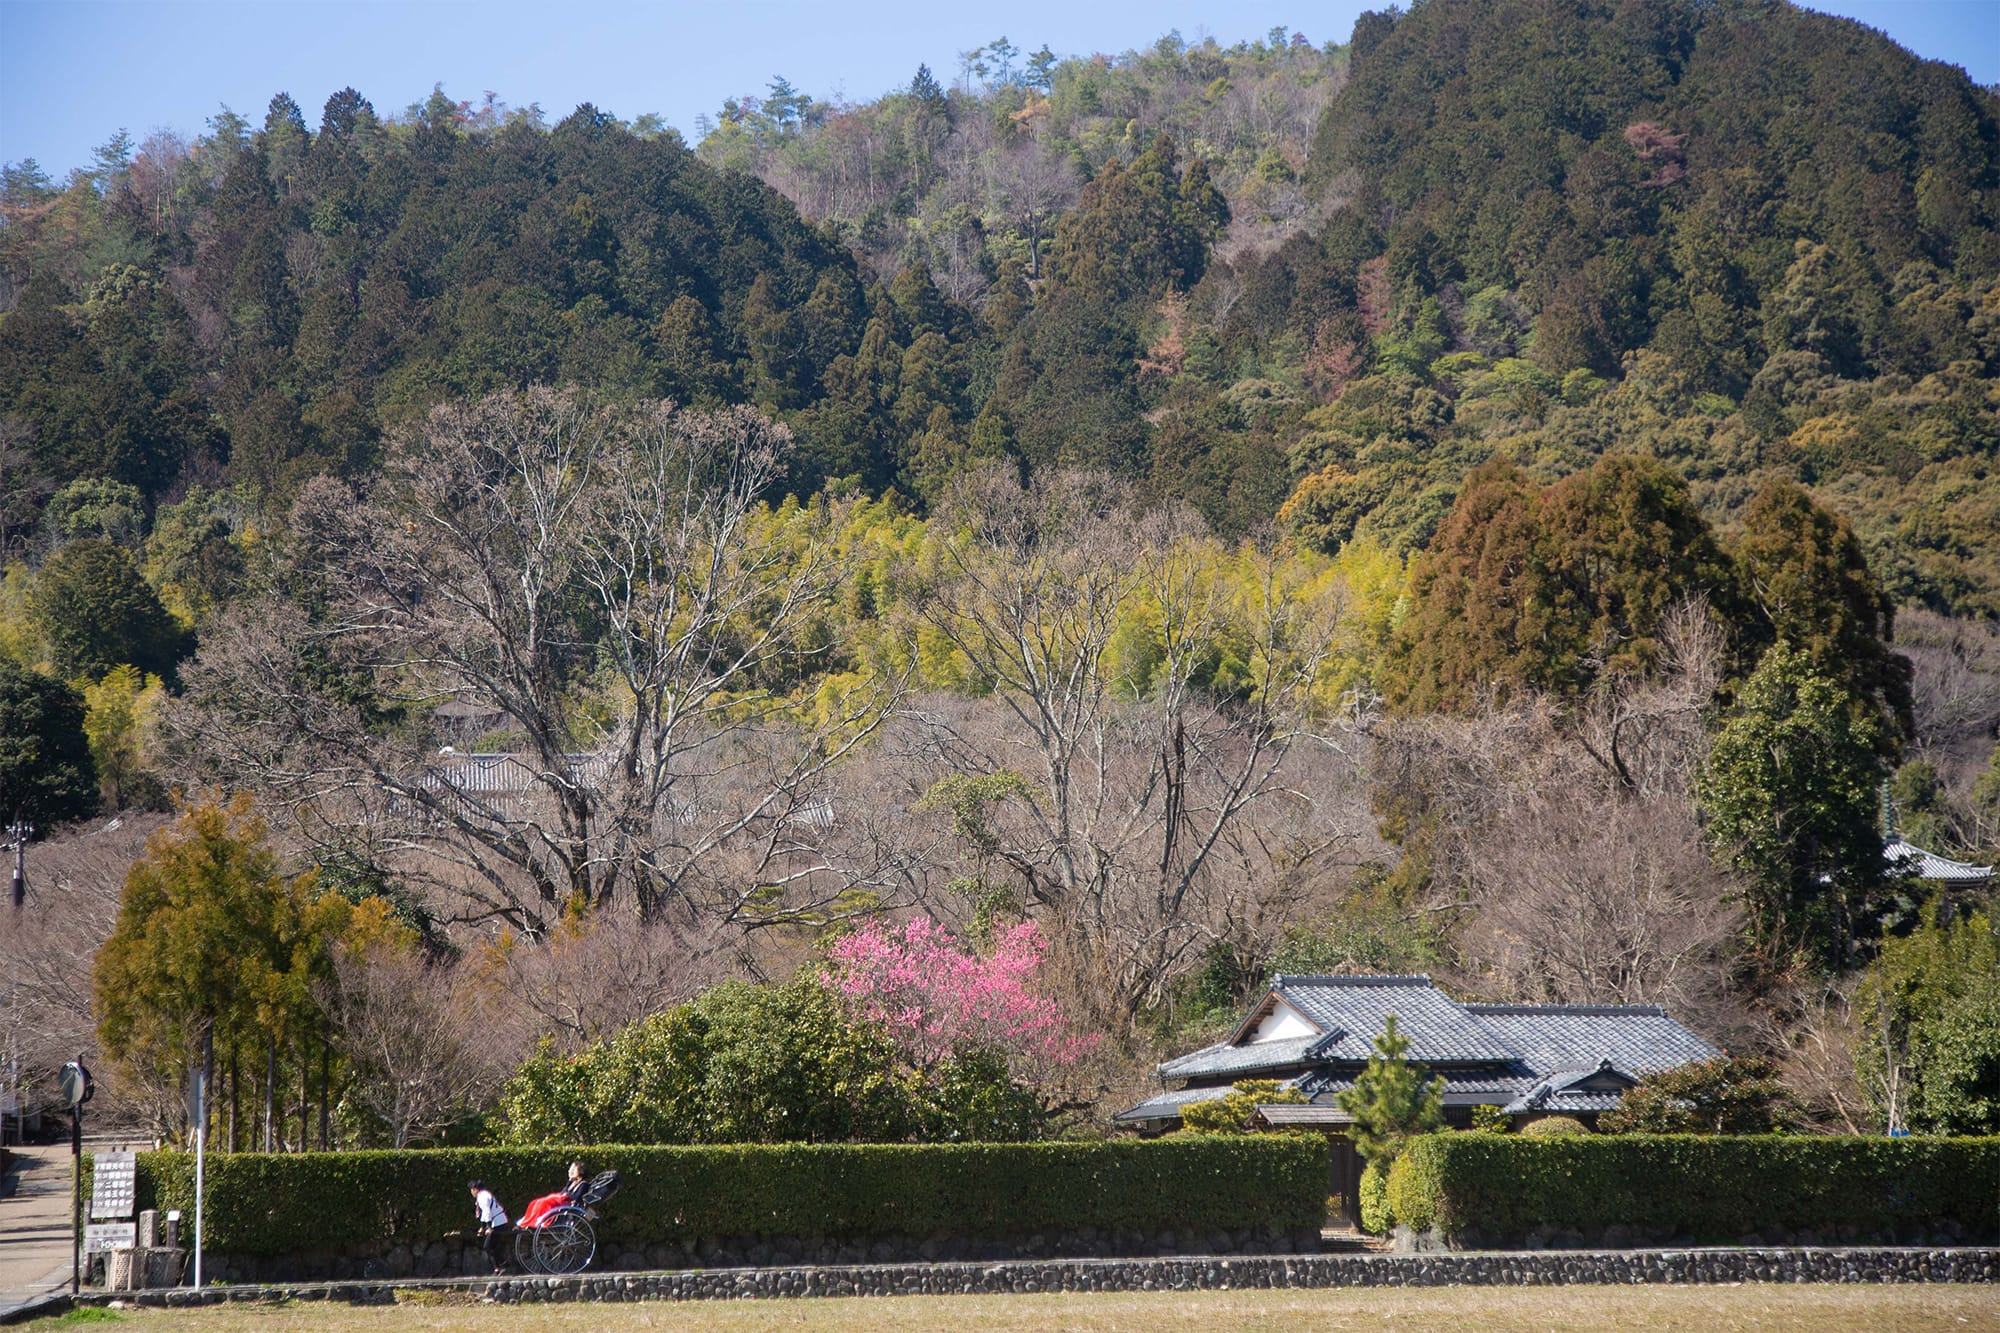 アトリエシムラの工房のほど近く、落柿舎あたりに広がるのどかな里山の風景。豊かな自然の色彩に満ちている。